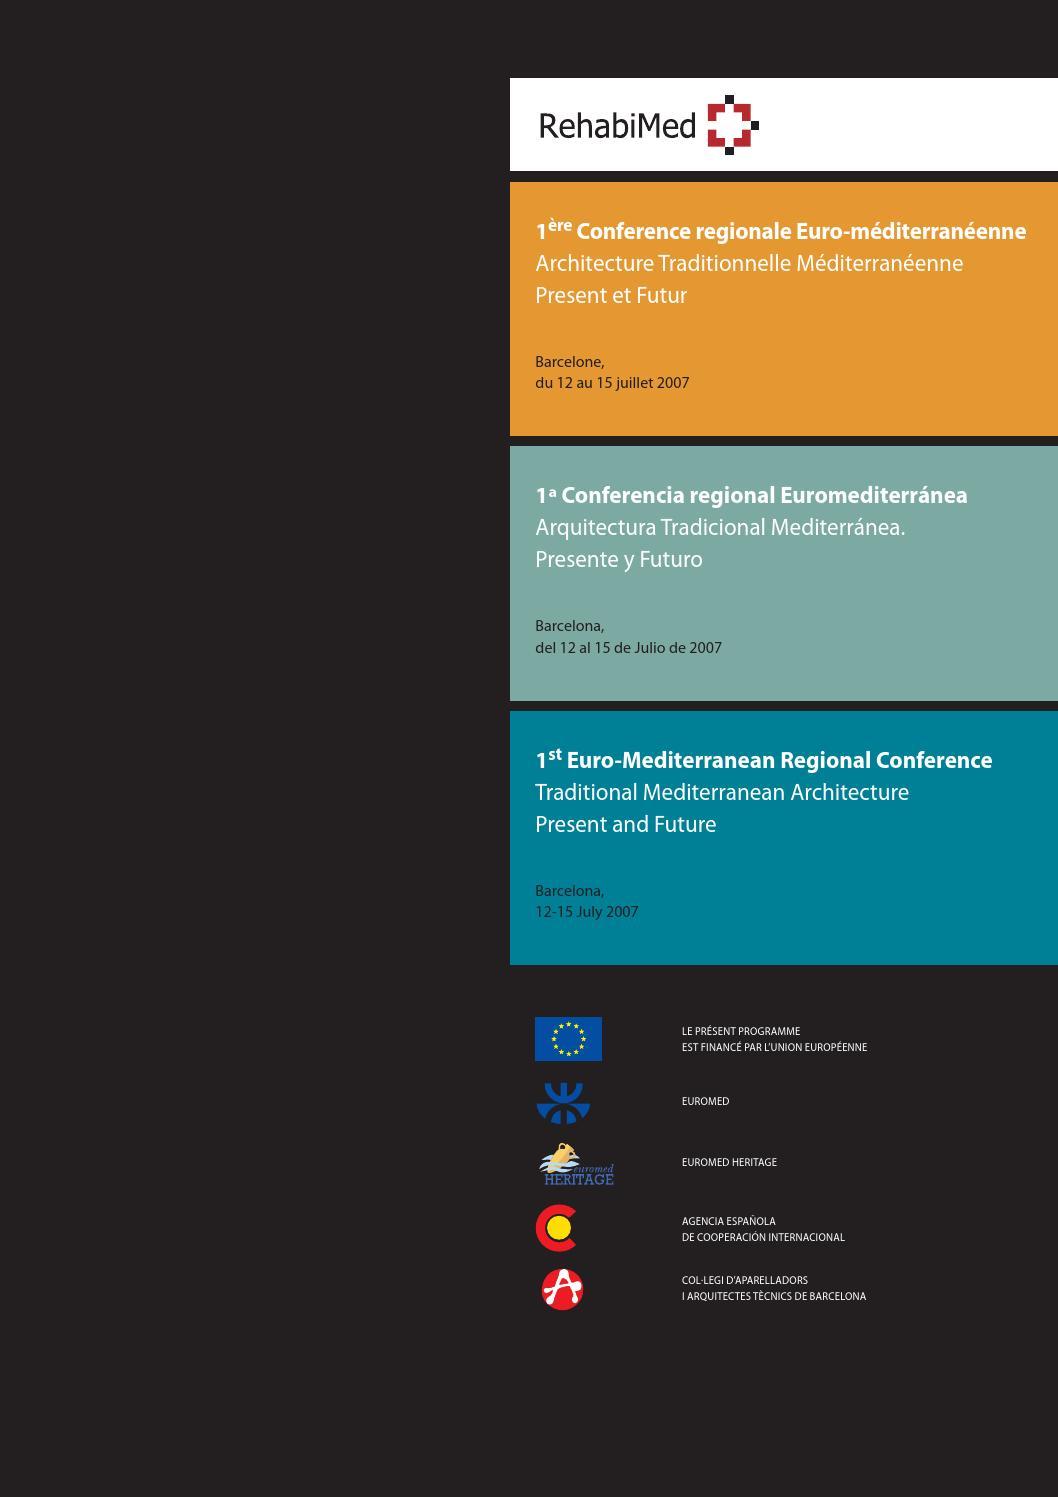 1Ère Conference Regionale Euro-Méditerranéenne Architecture pour Fausses Pieces Euros